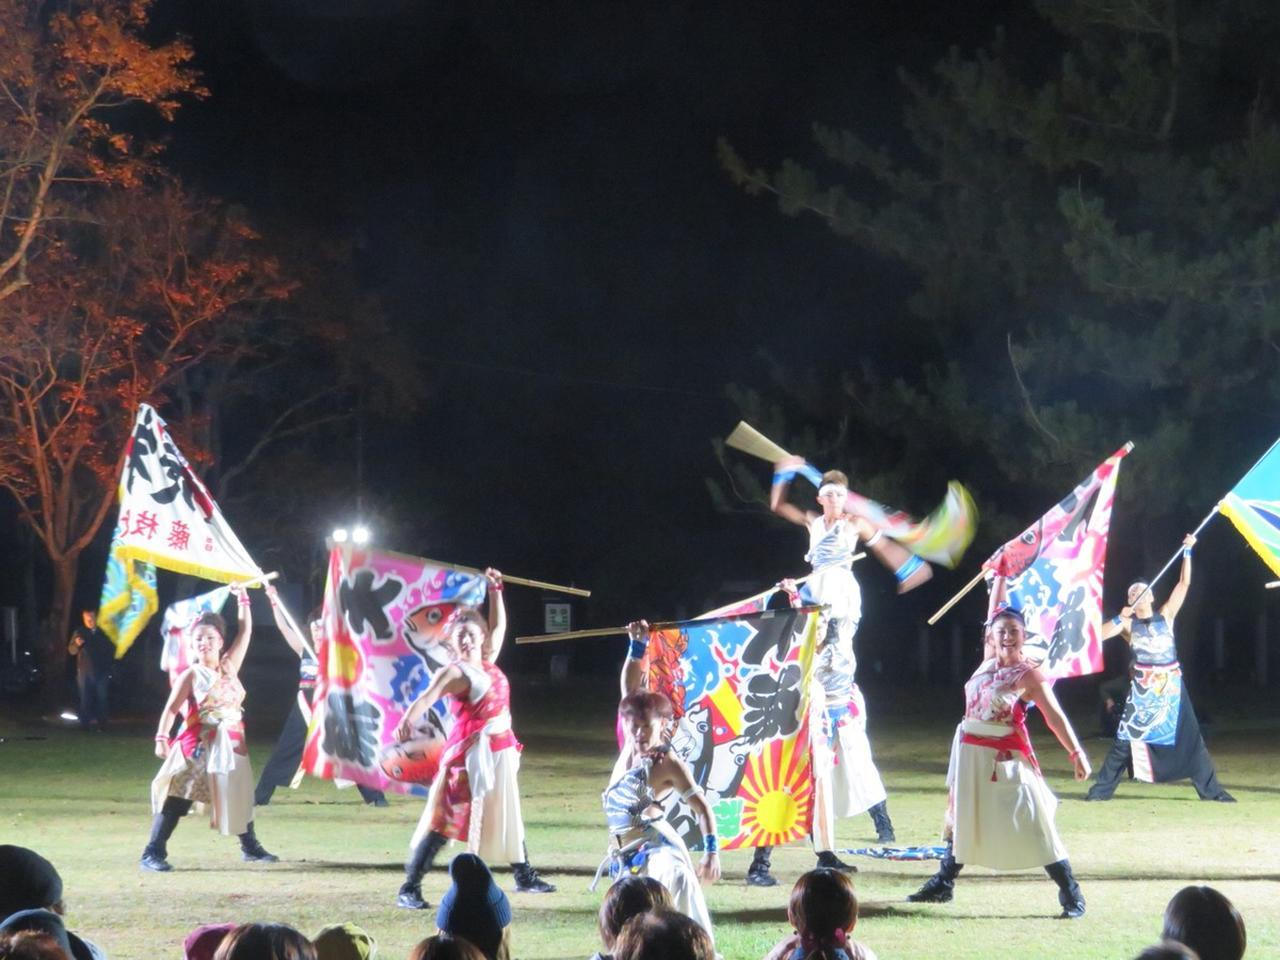 画像: 名物イベント「YOSAKOIソーラン」3組が披露してくれました。毎年6月に札幌でお祭りが開催されています。